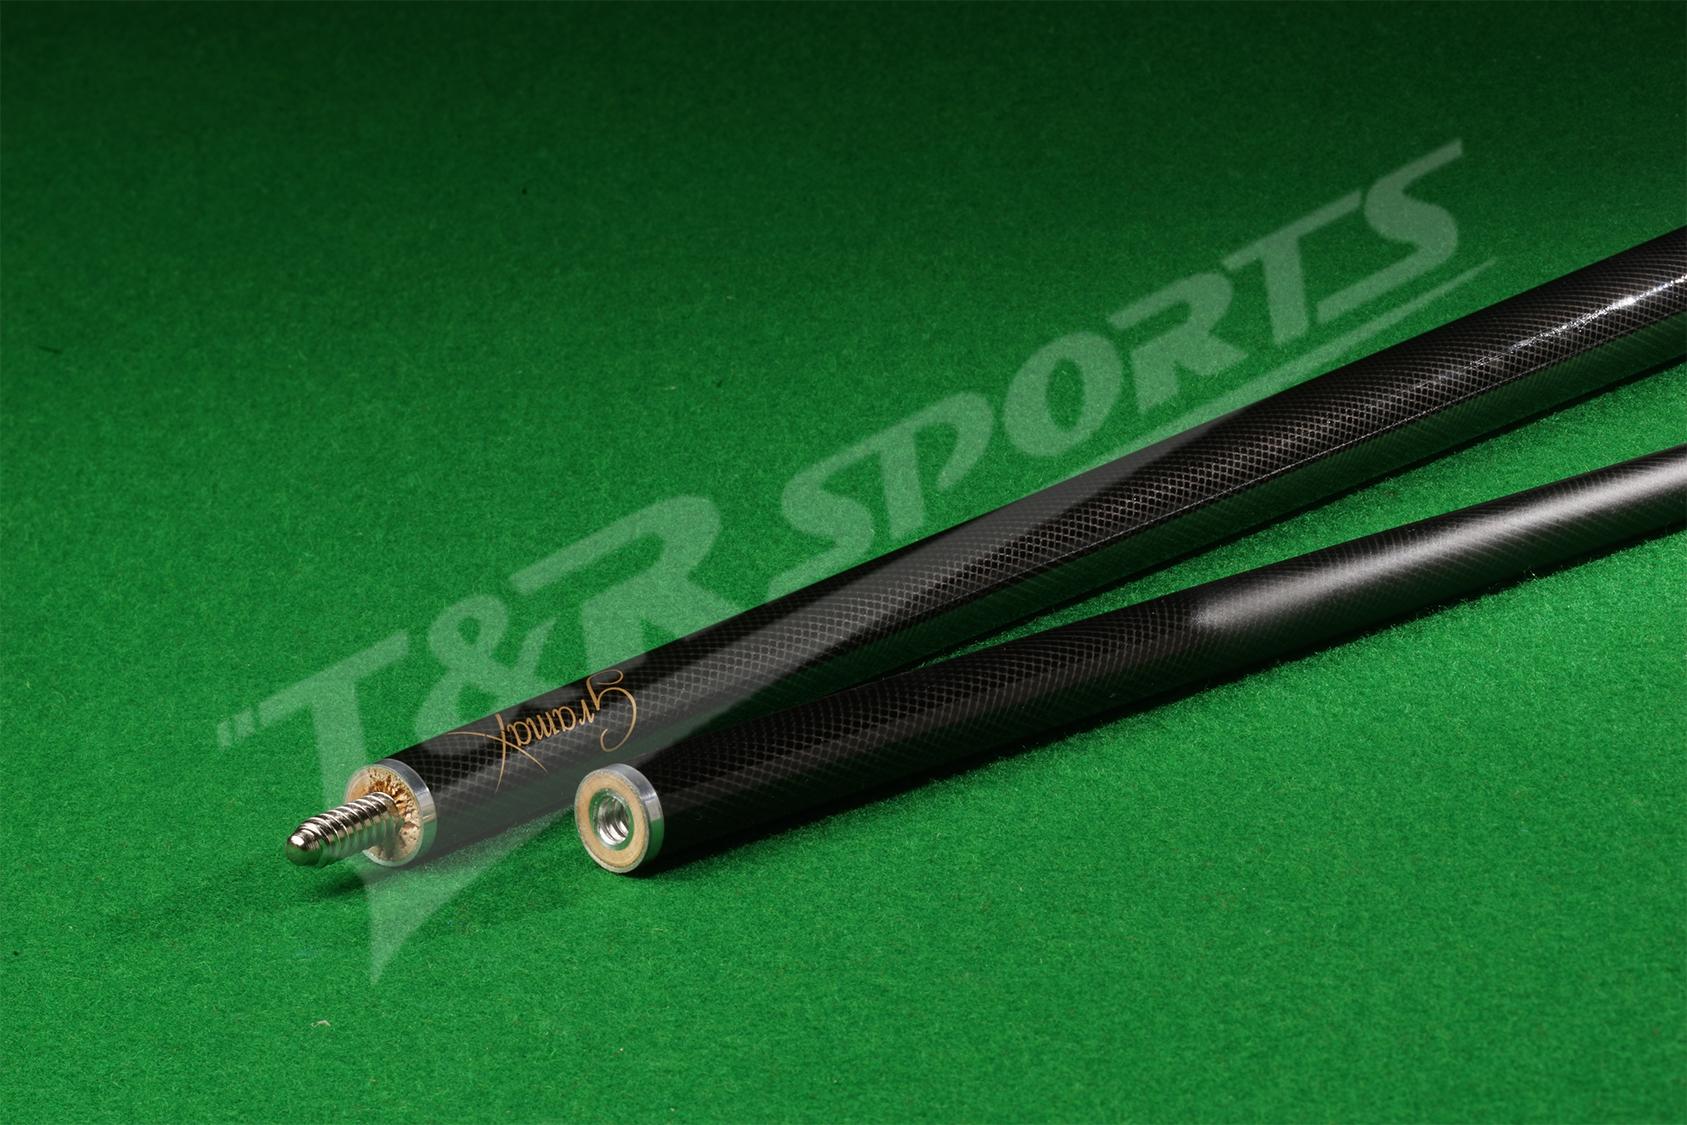 Gramax Graphite Snooker Billiard Pool Cue Stick